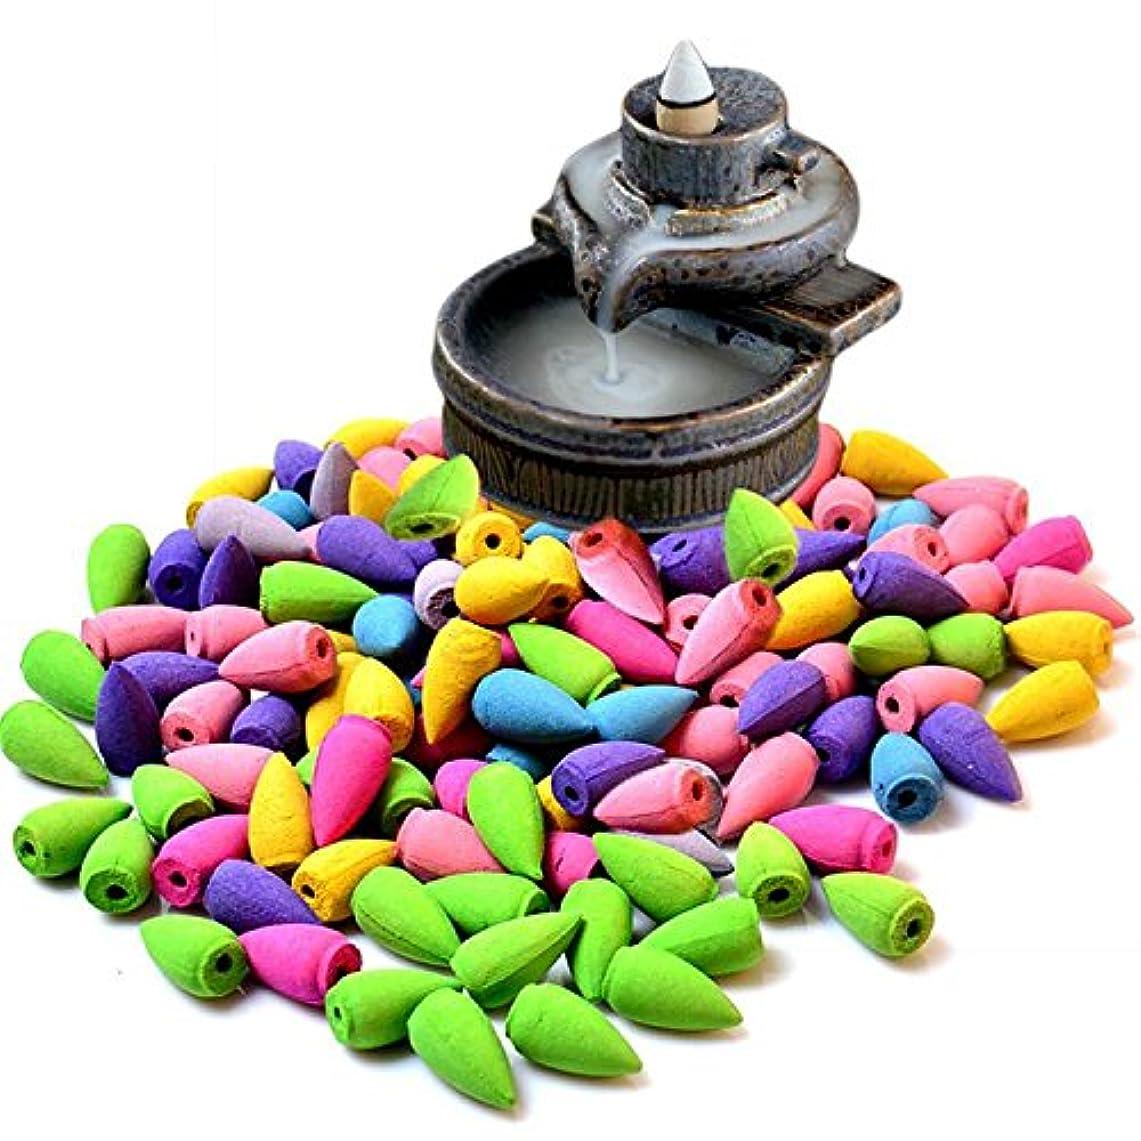 運ぶ面デザイナーECYC Rerro  陶器の香炉 室内用バックフローつり香炉 アロマセラピー用の香立て  収集可能 B01LC3EI7O